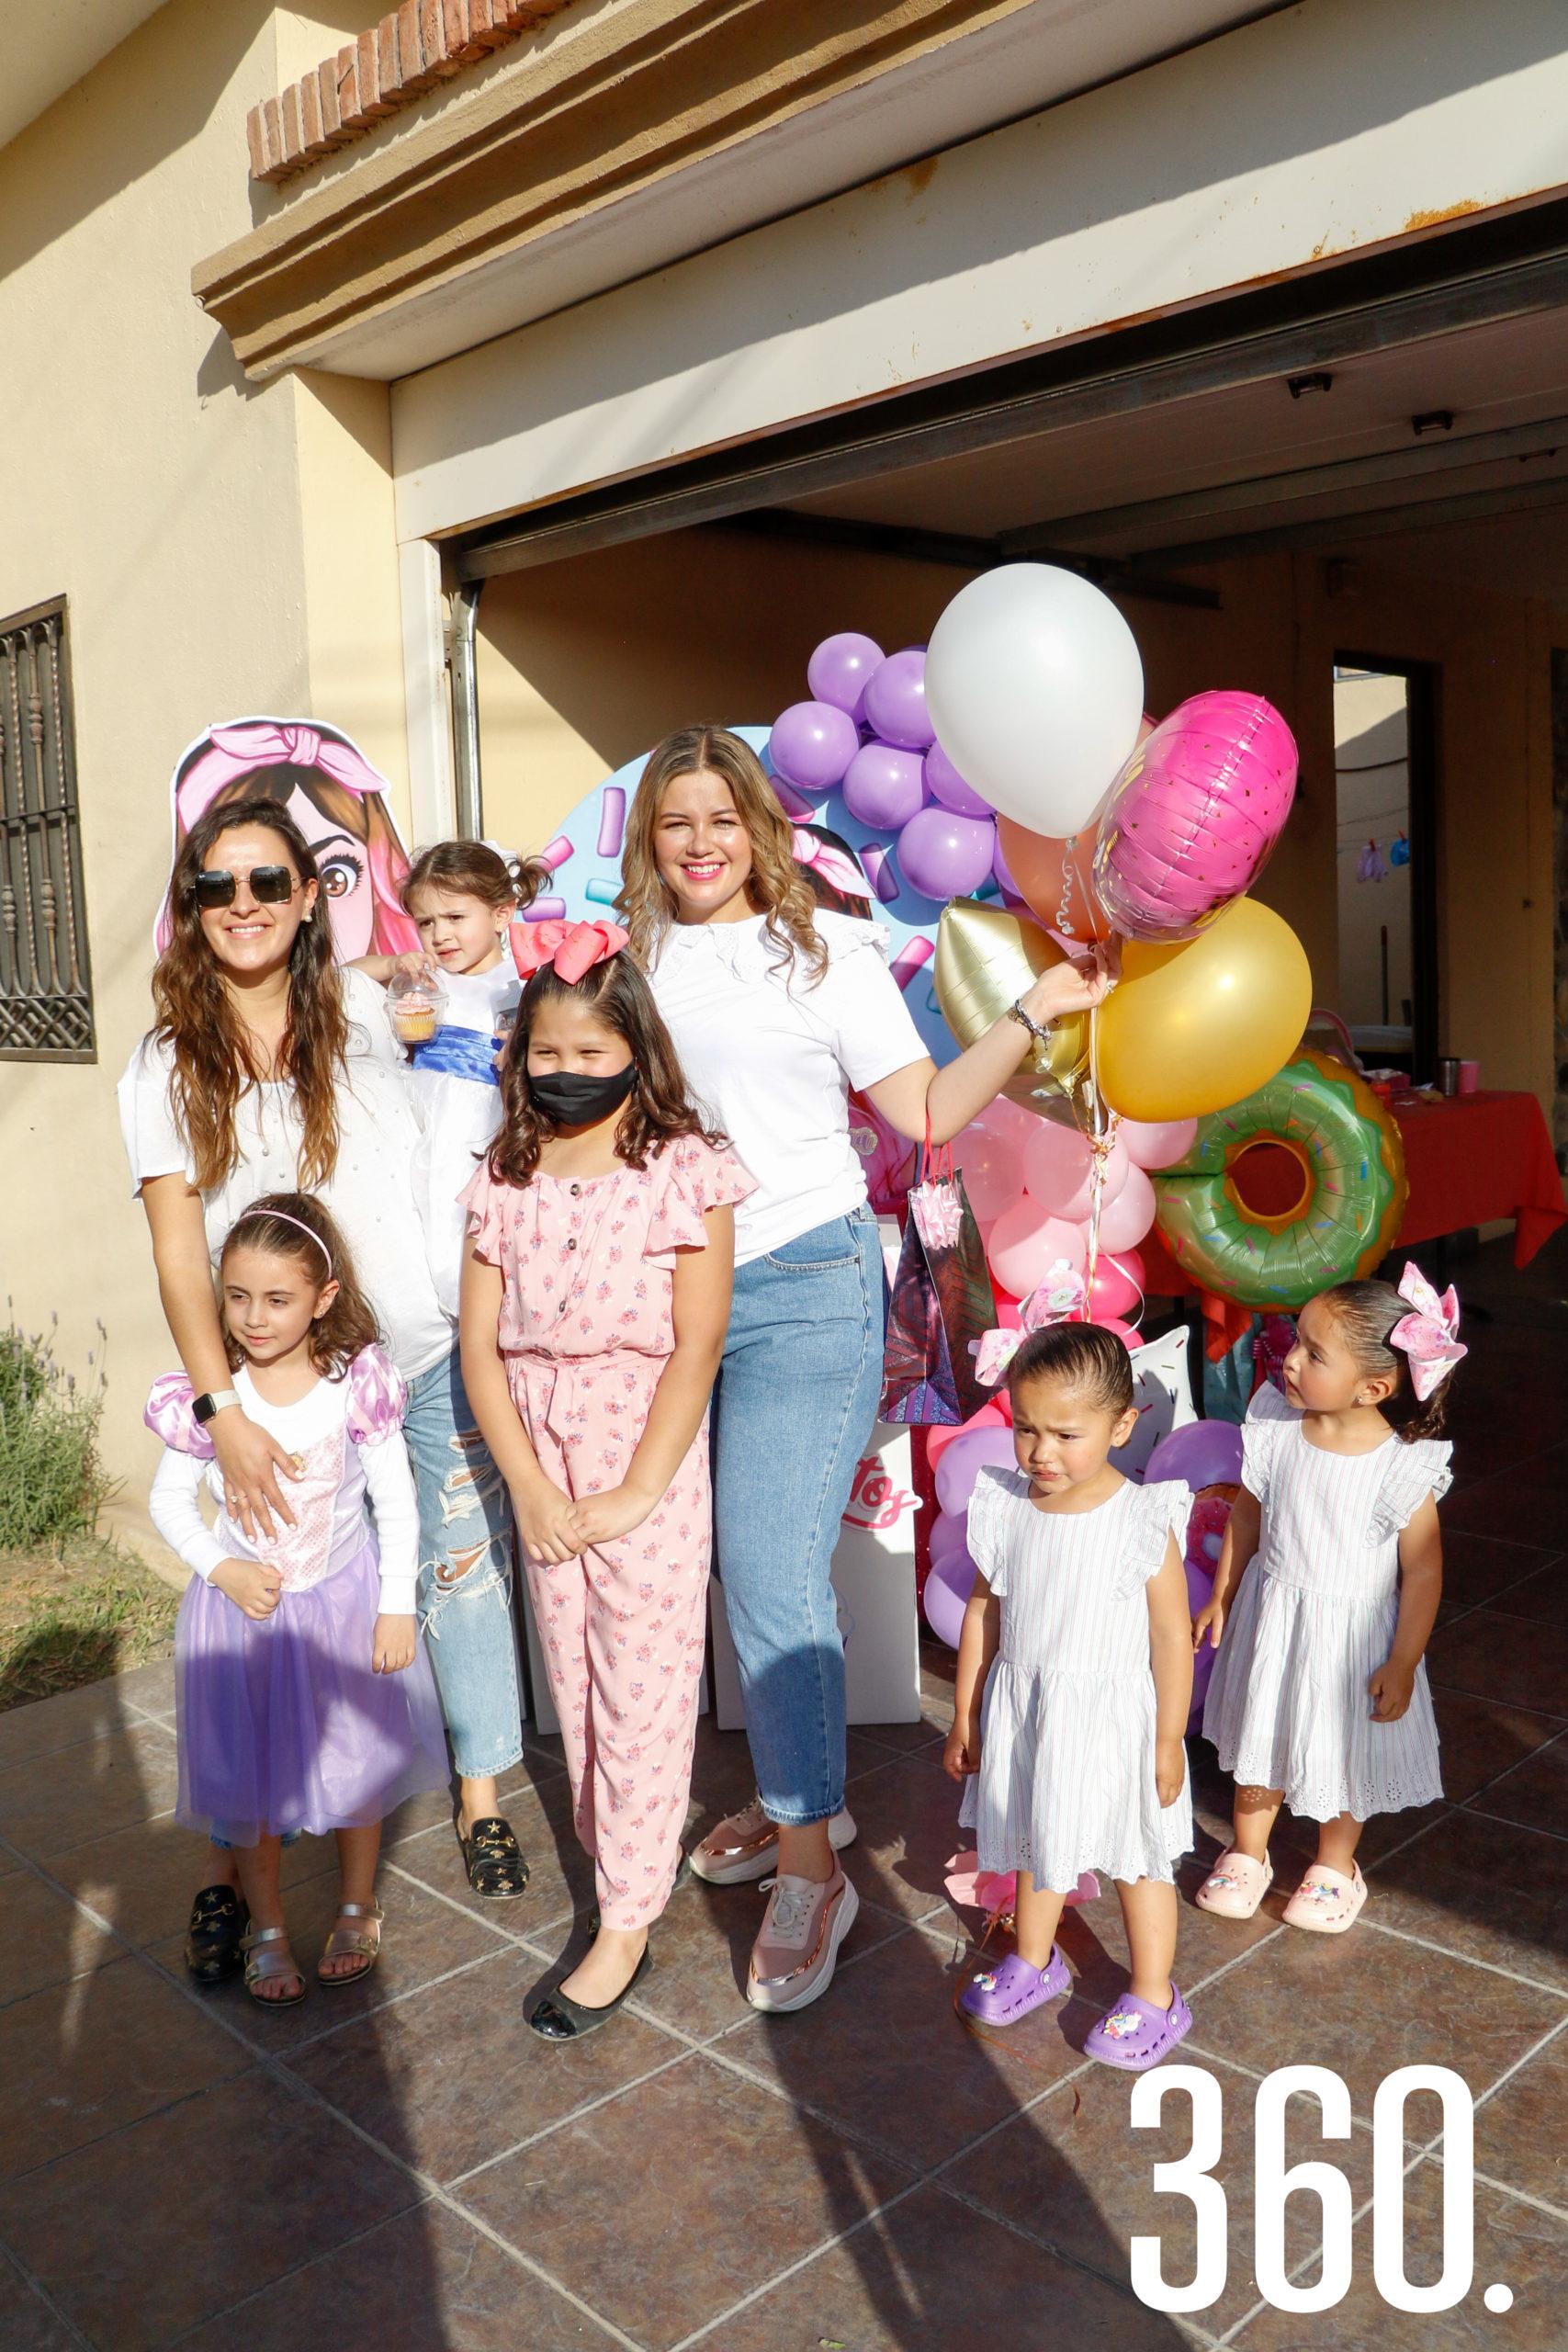 Ana Lucía Paz, Valeria y Mariana Martínez, Ana María, Mariana Cabello, Alina y Jimena Martínez.